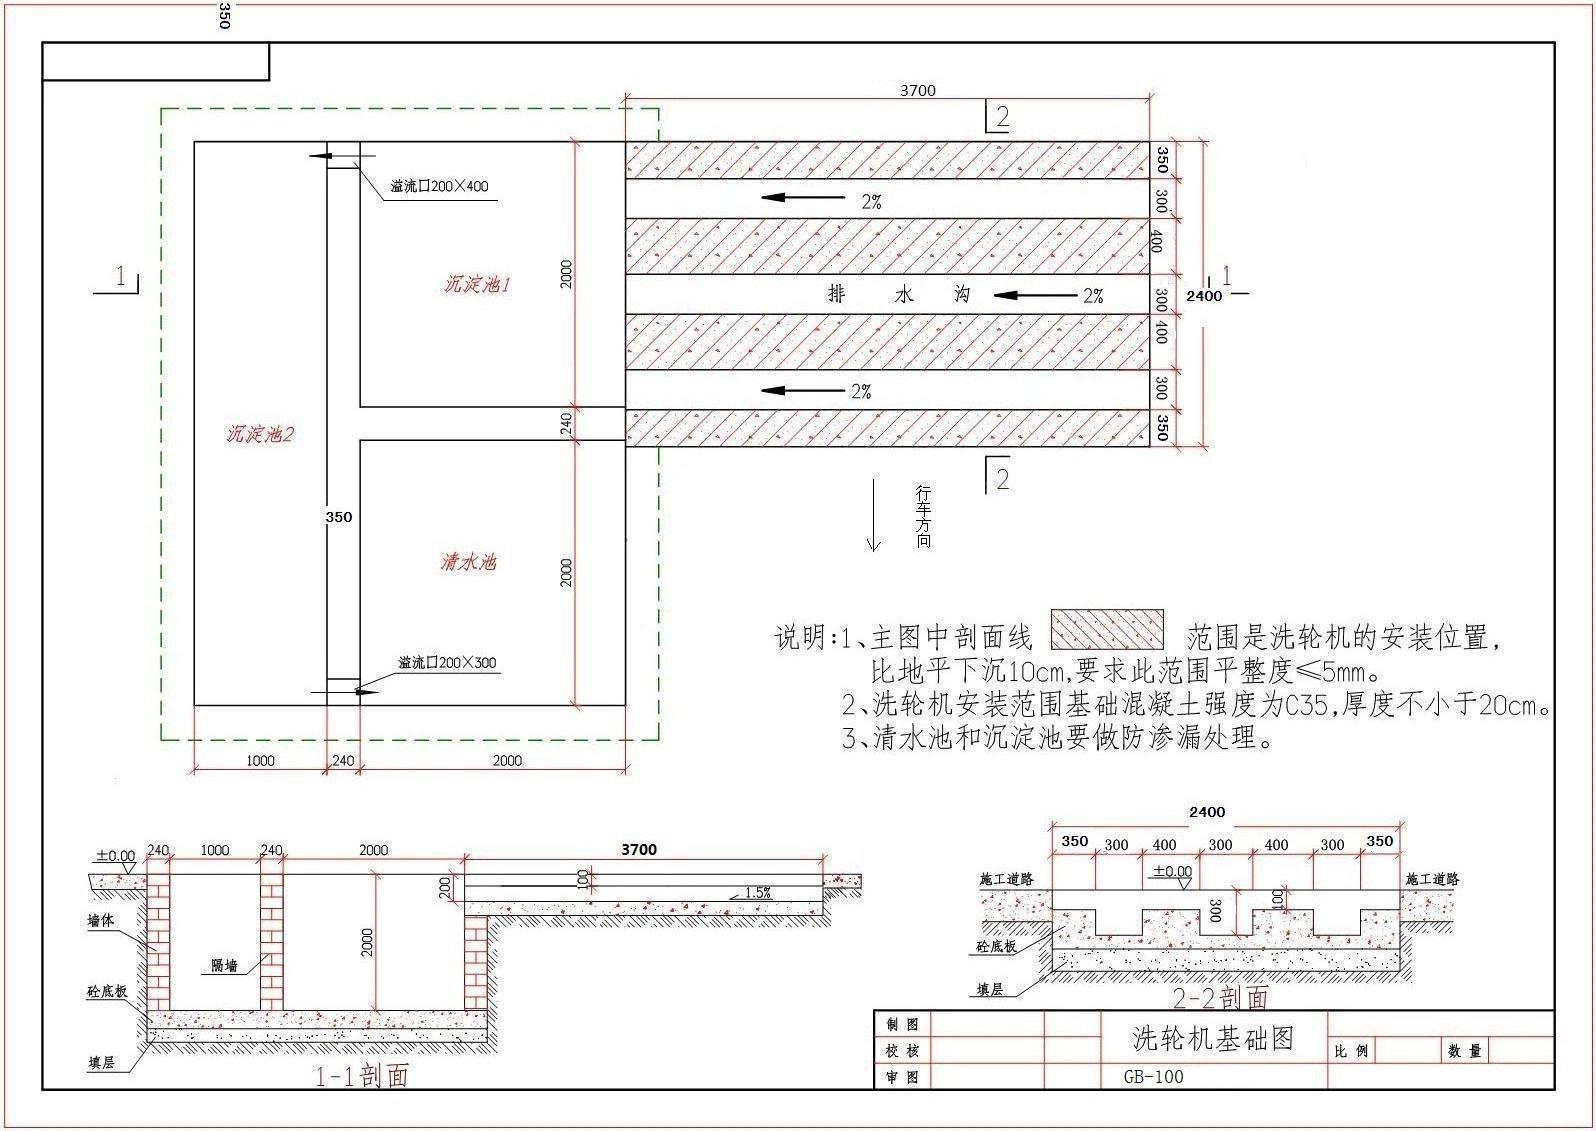 武汉工地自动洗车平台基础图纸